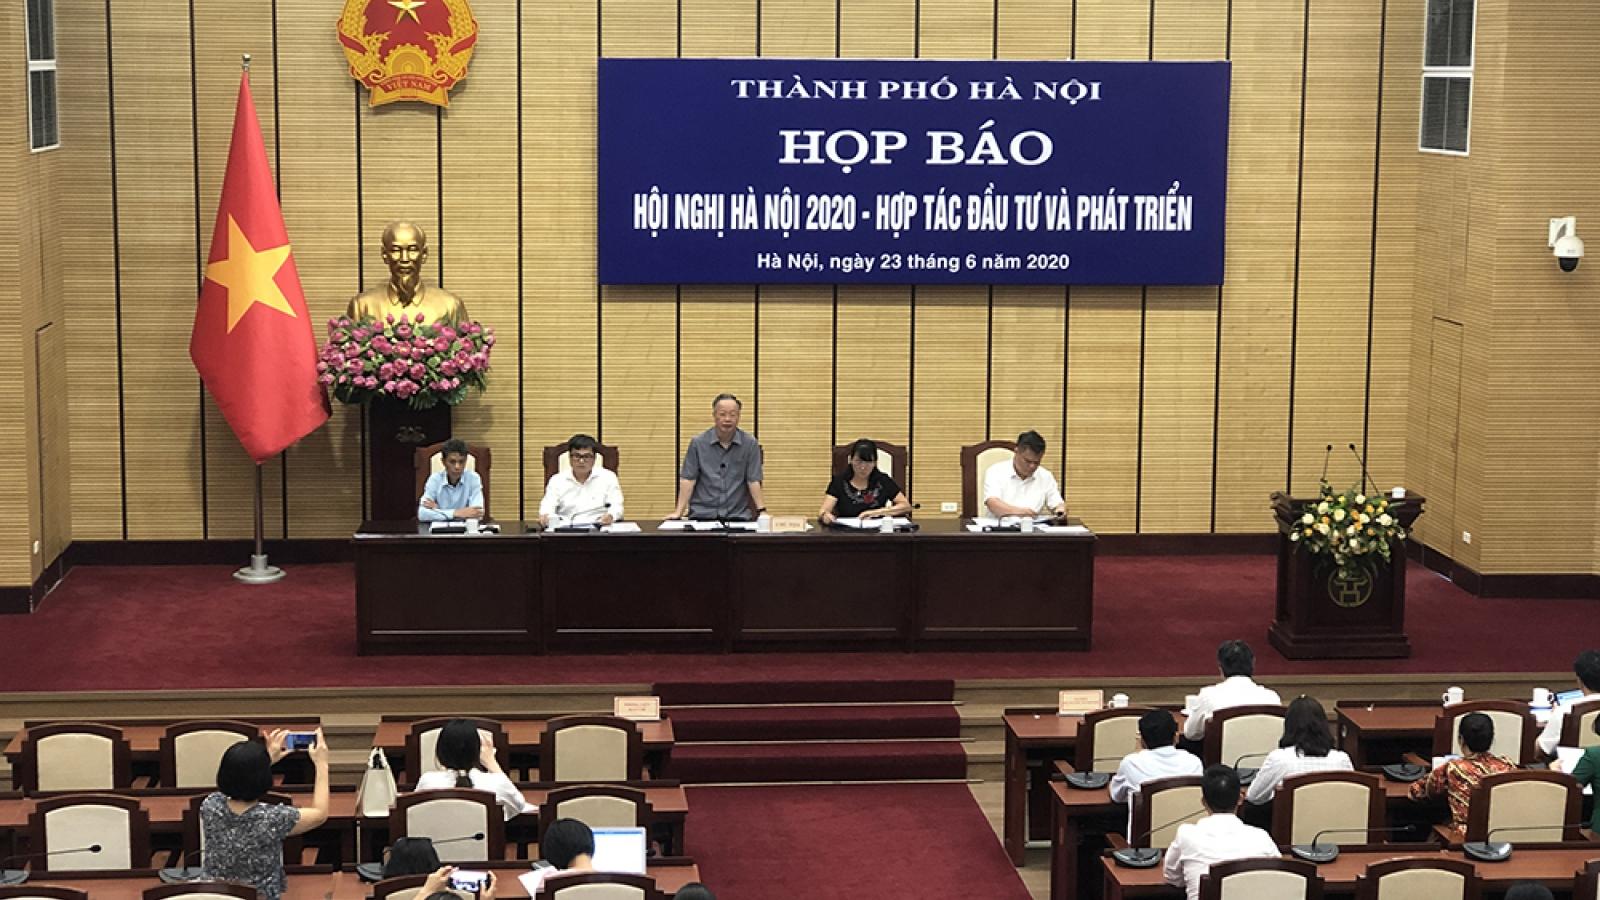 Hà Nội mở hội nghị đầu tư kêu gọi vốn 282 dự án, sau đại dịch Covid-19